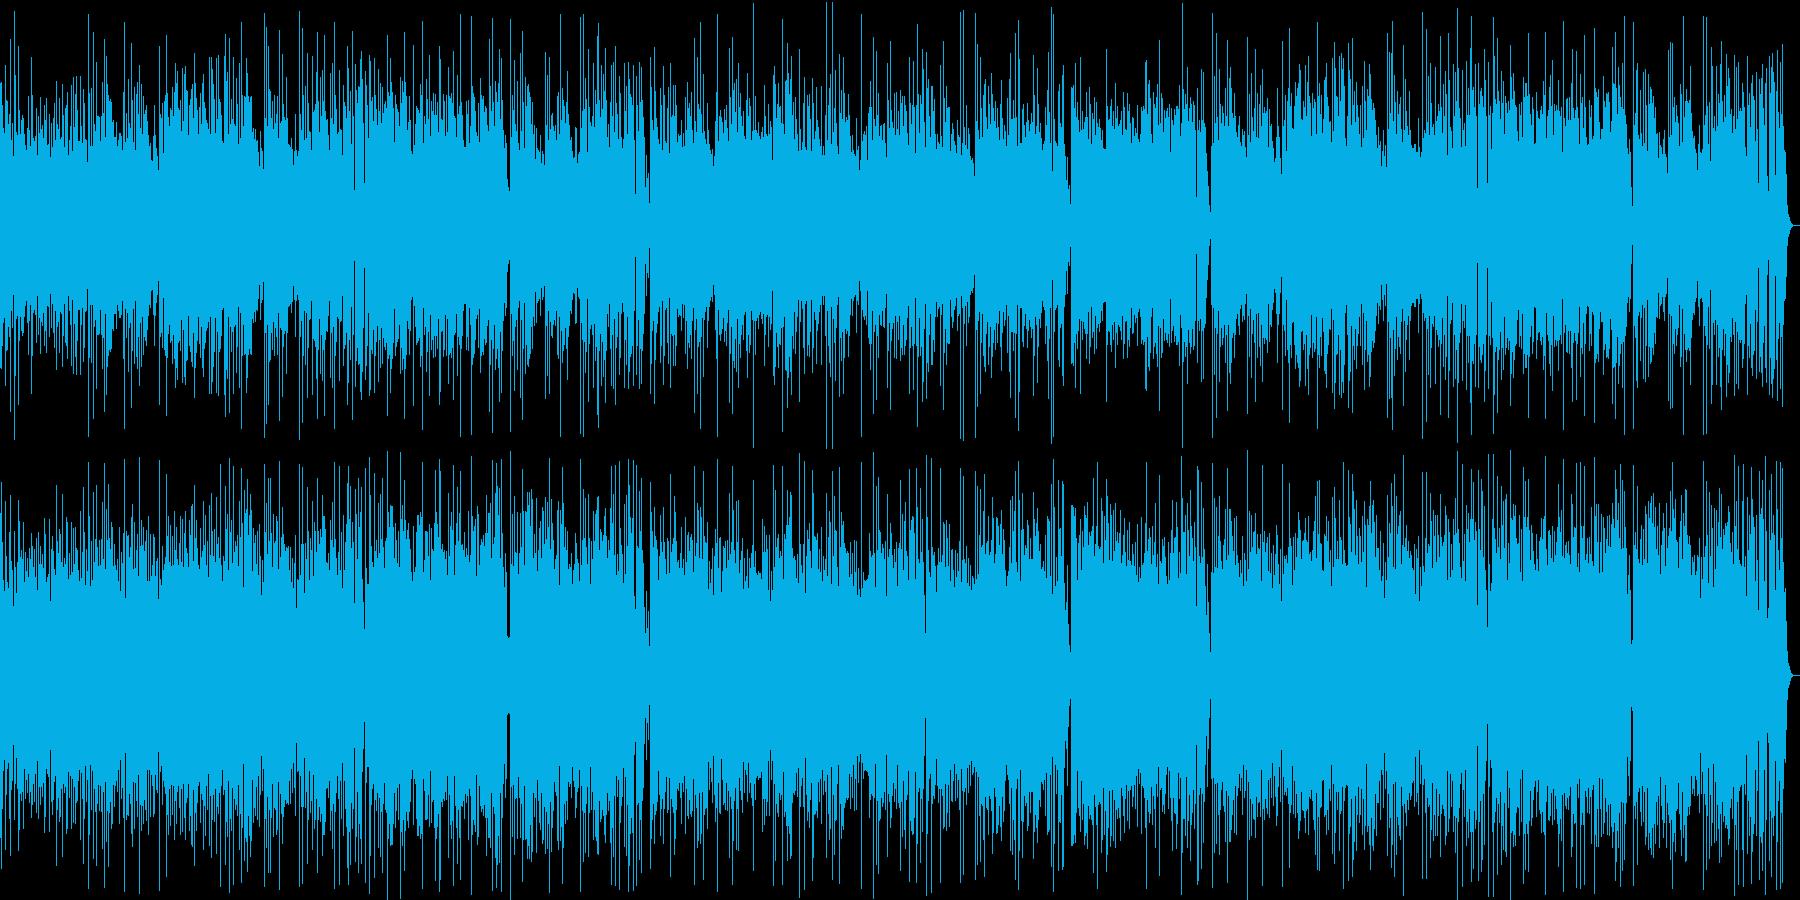 楽しげなギター・シンセサウンドの再生済みの波形